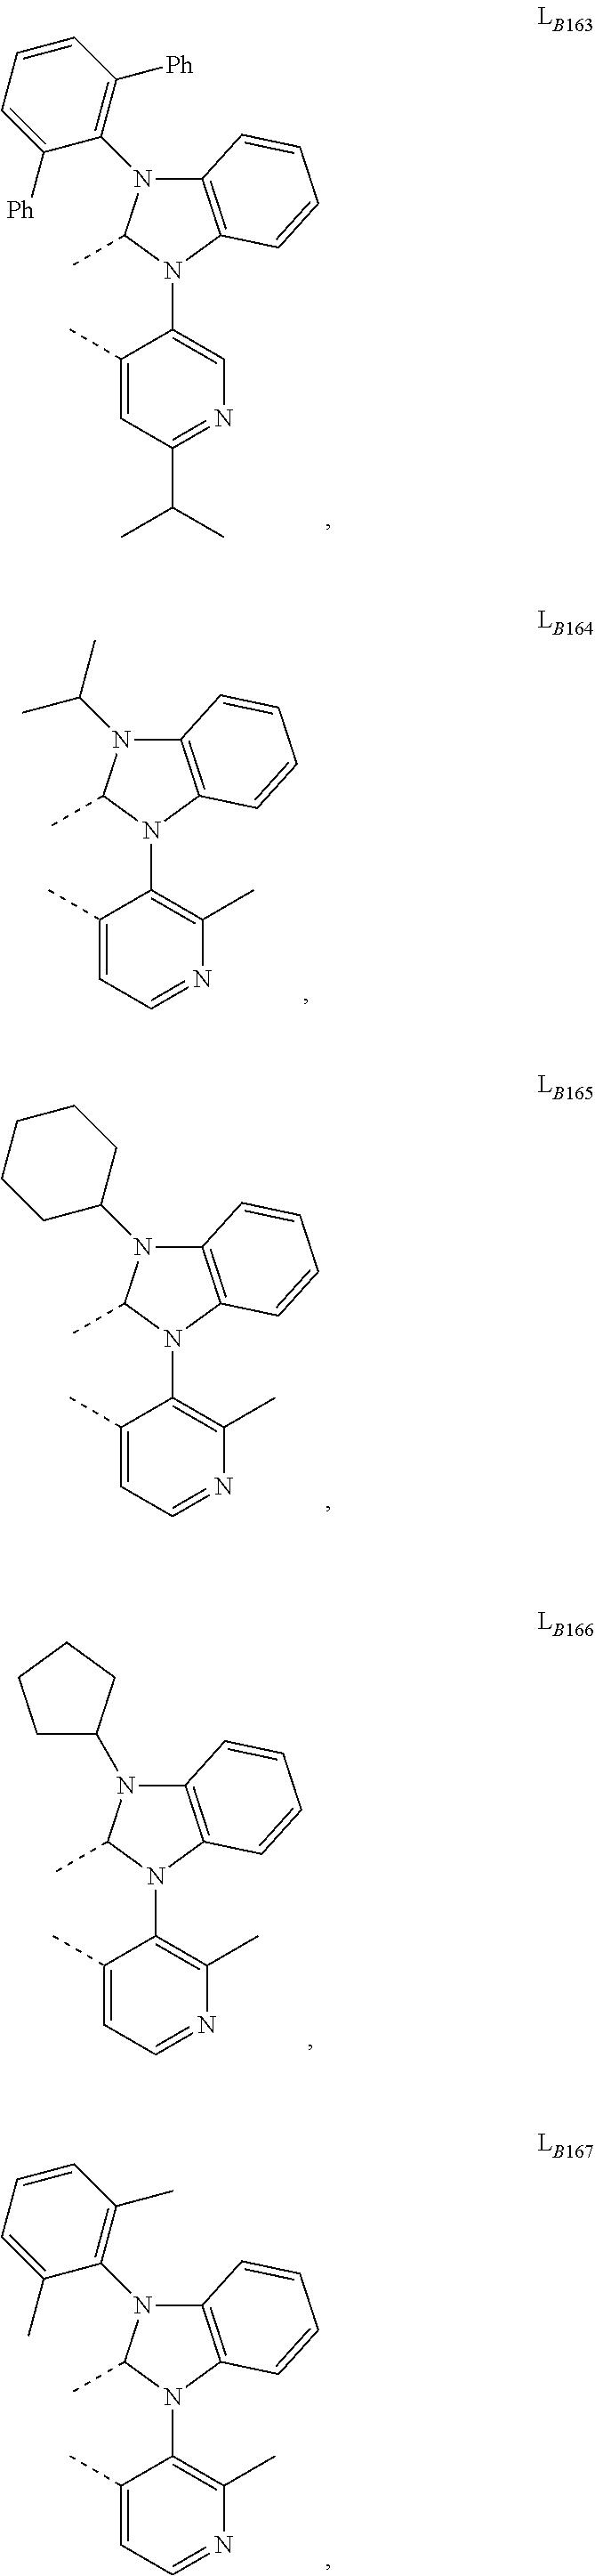 Figure US09905785-20180227-C00594